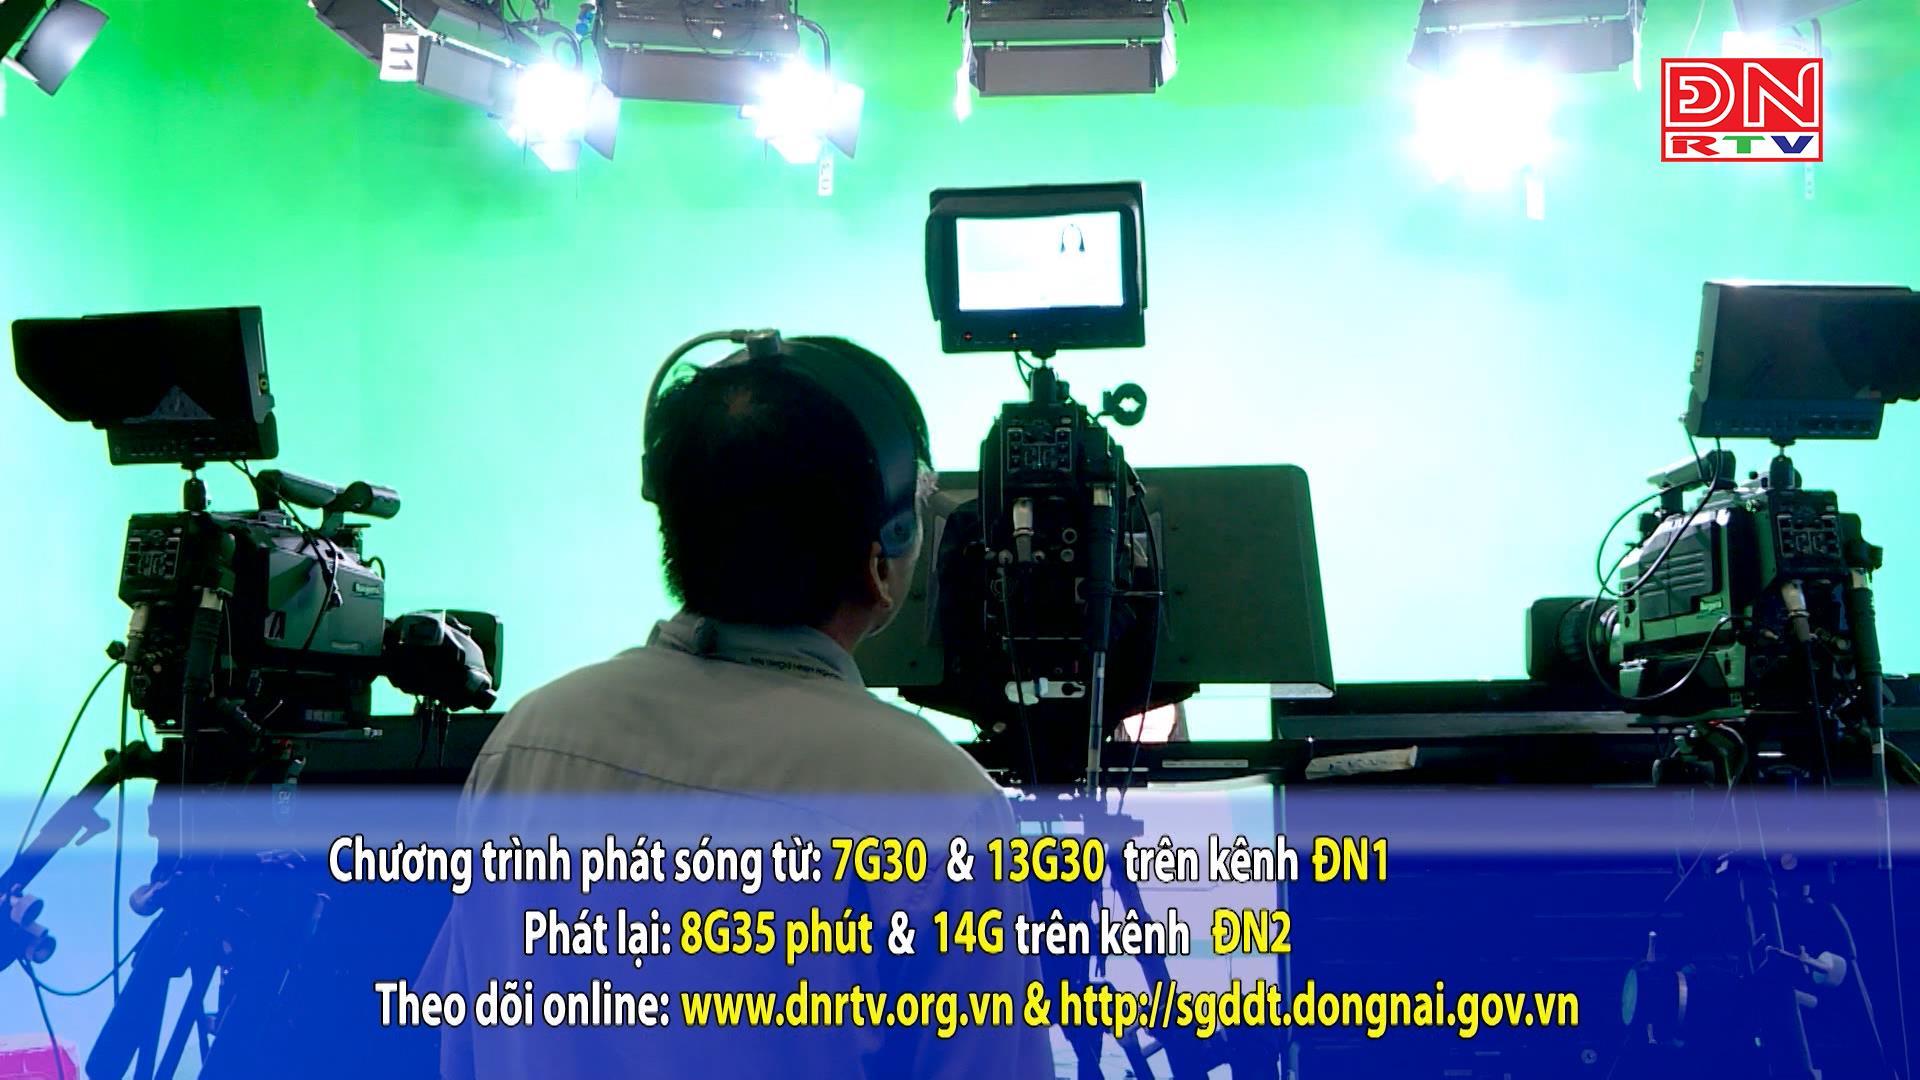 Chương trình ôn tập kiến thức qua truyền hình ĐNRTV: Phụ huynh đồng tình ủng hộ